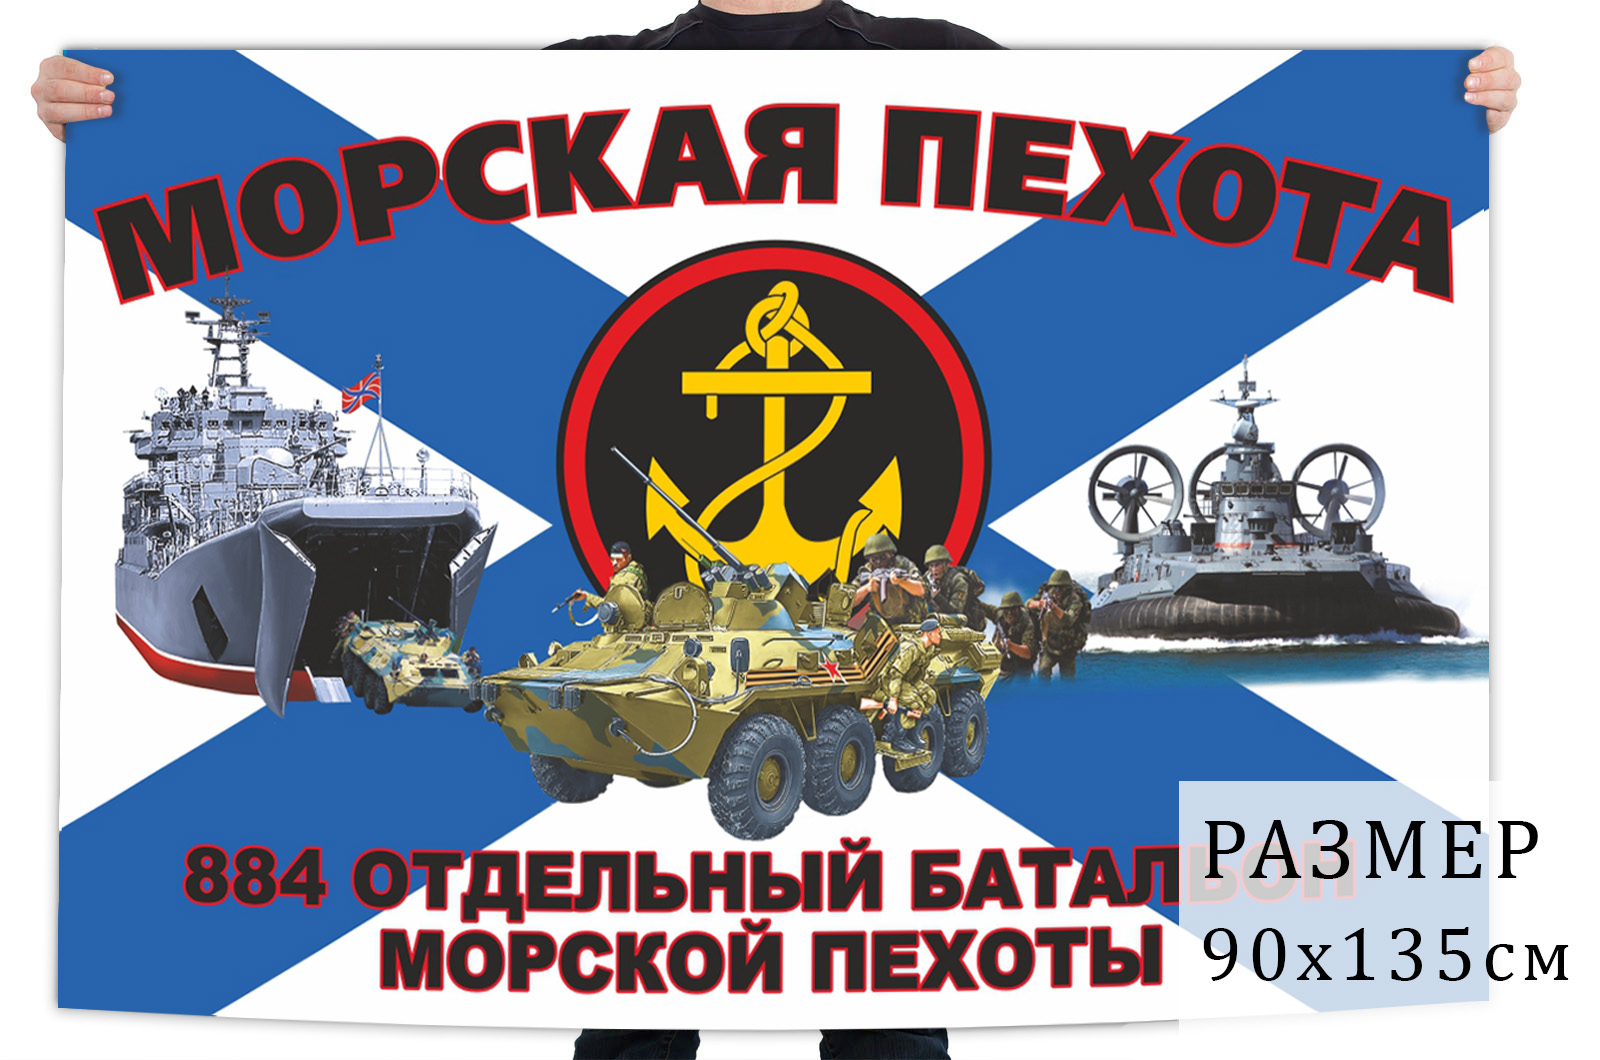 Флаг 884 отдельного батальона морской пехоты